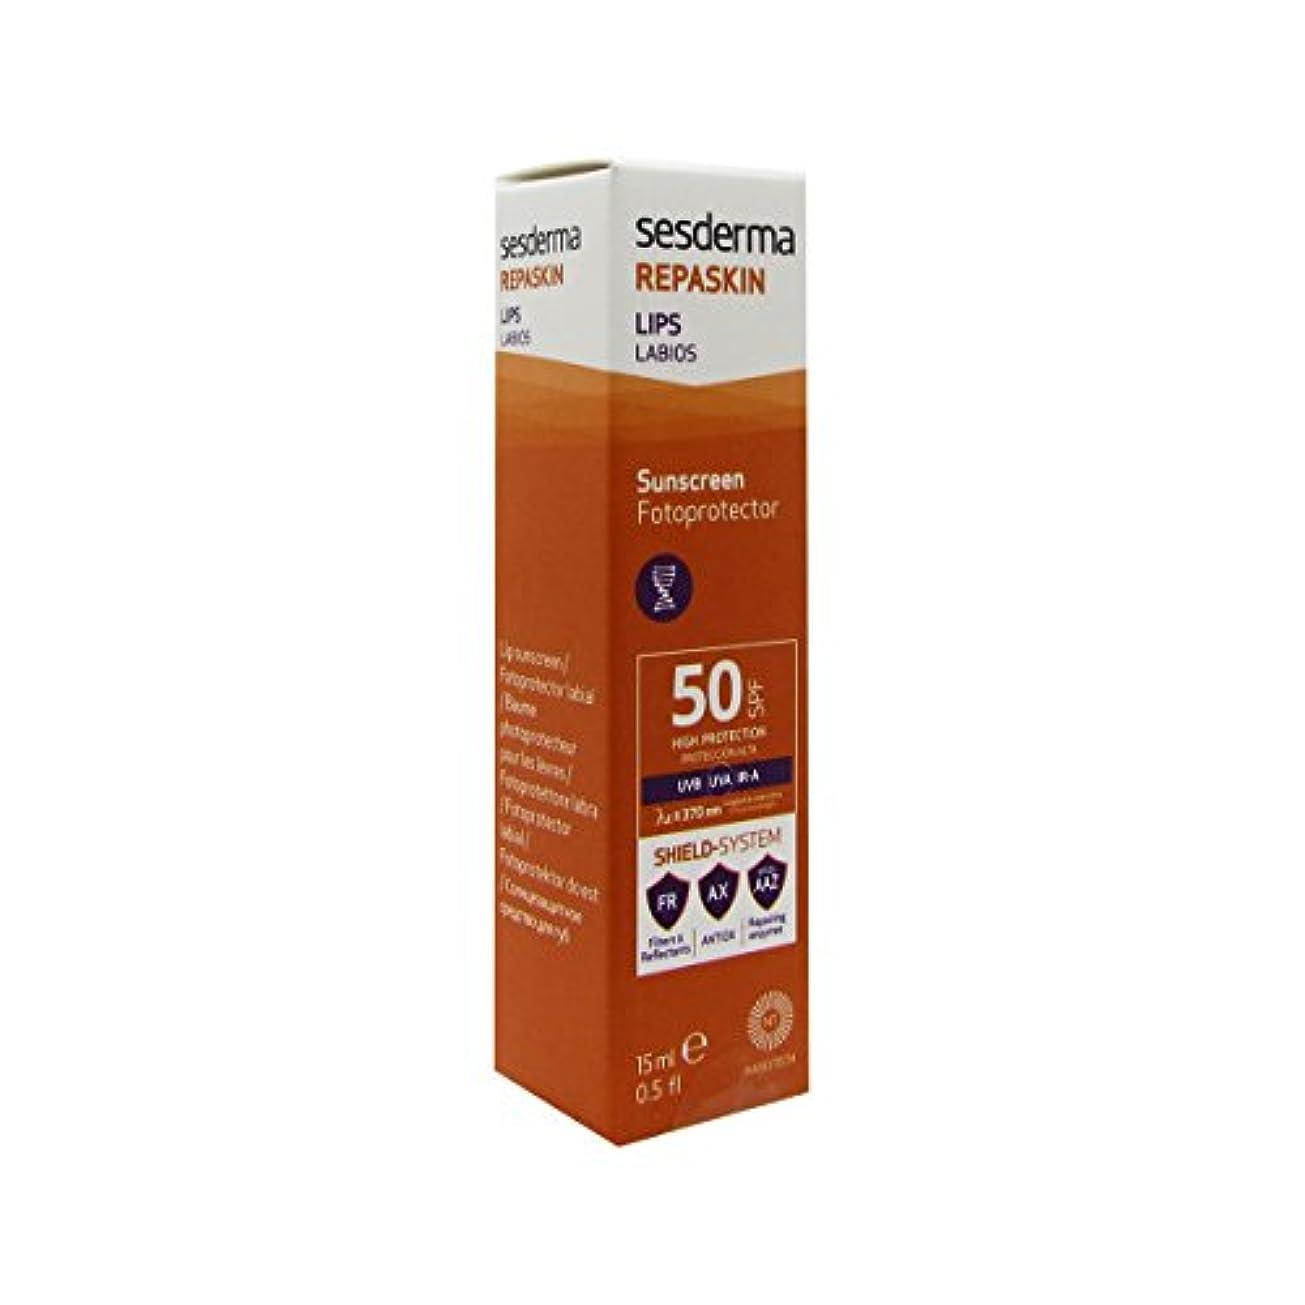 レディインストール窒素Sesderma Repaskin Lips Spf50 15ml [並行輸入品]